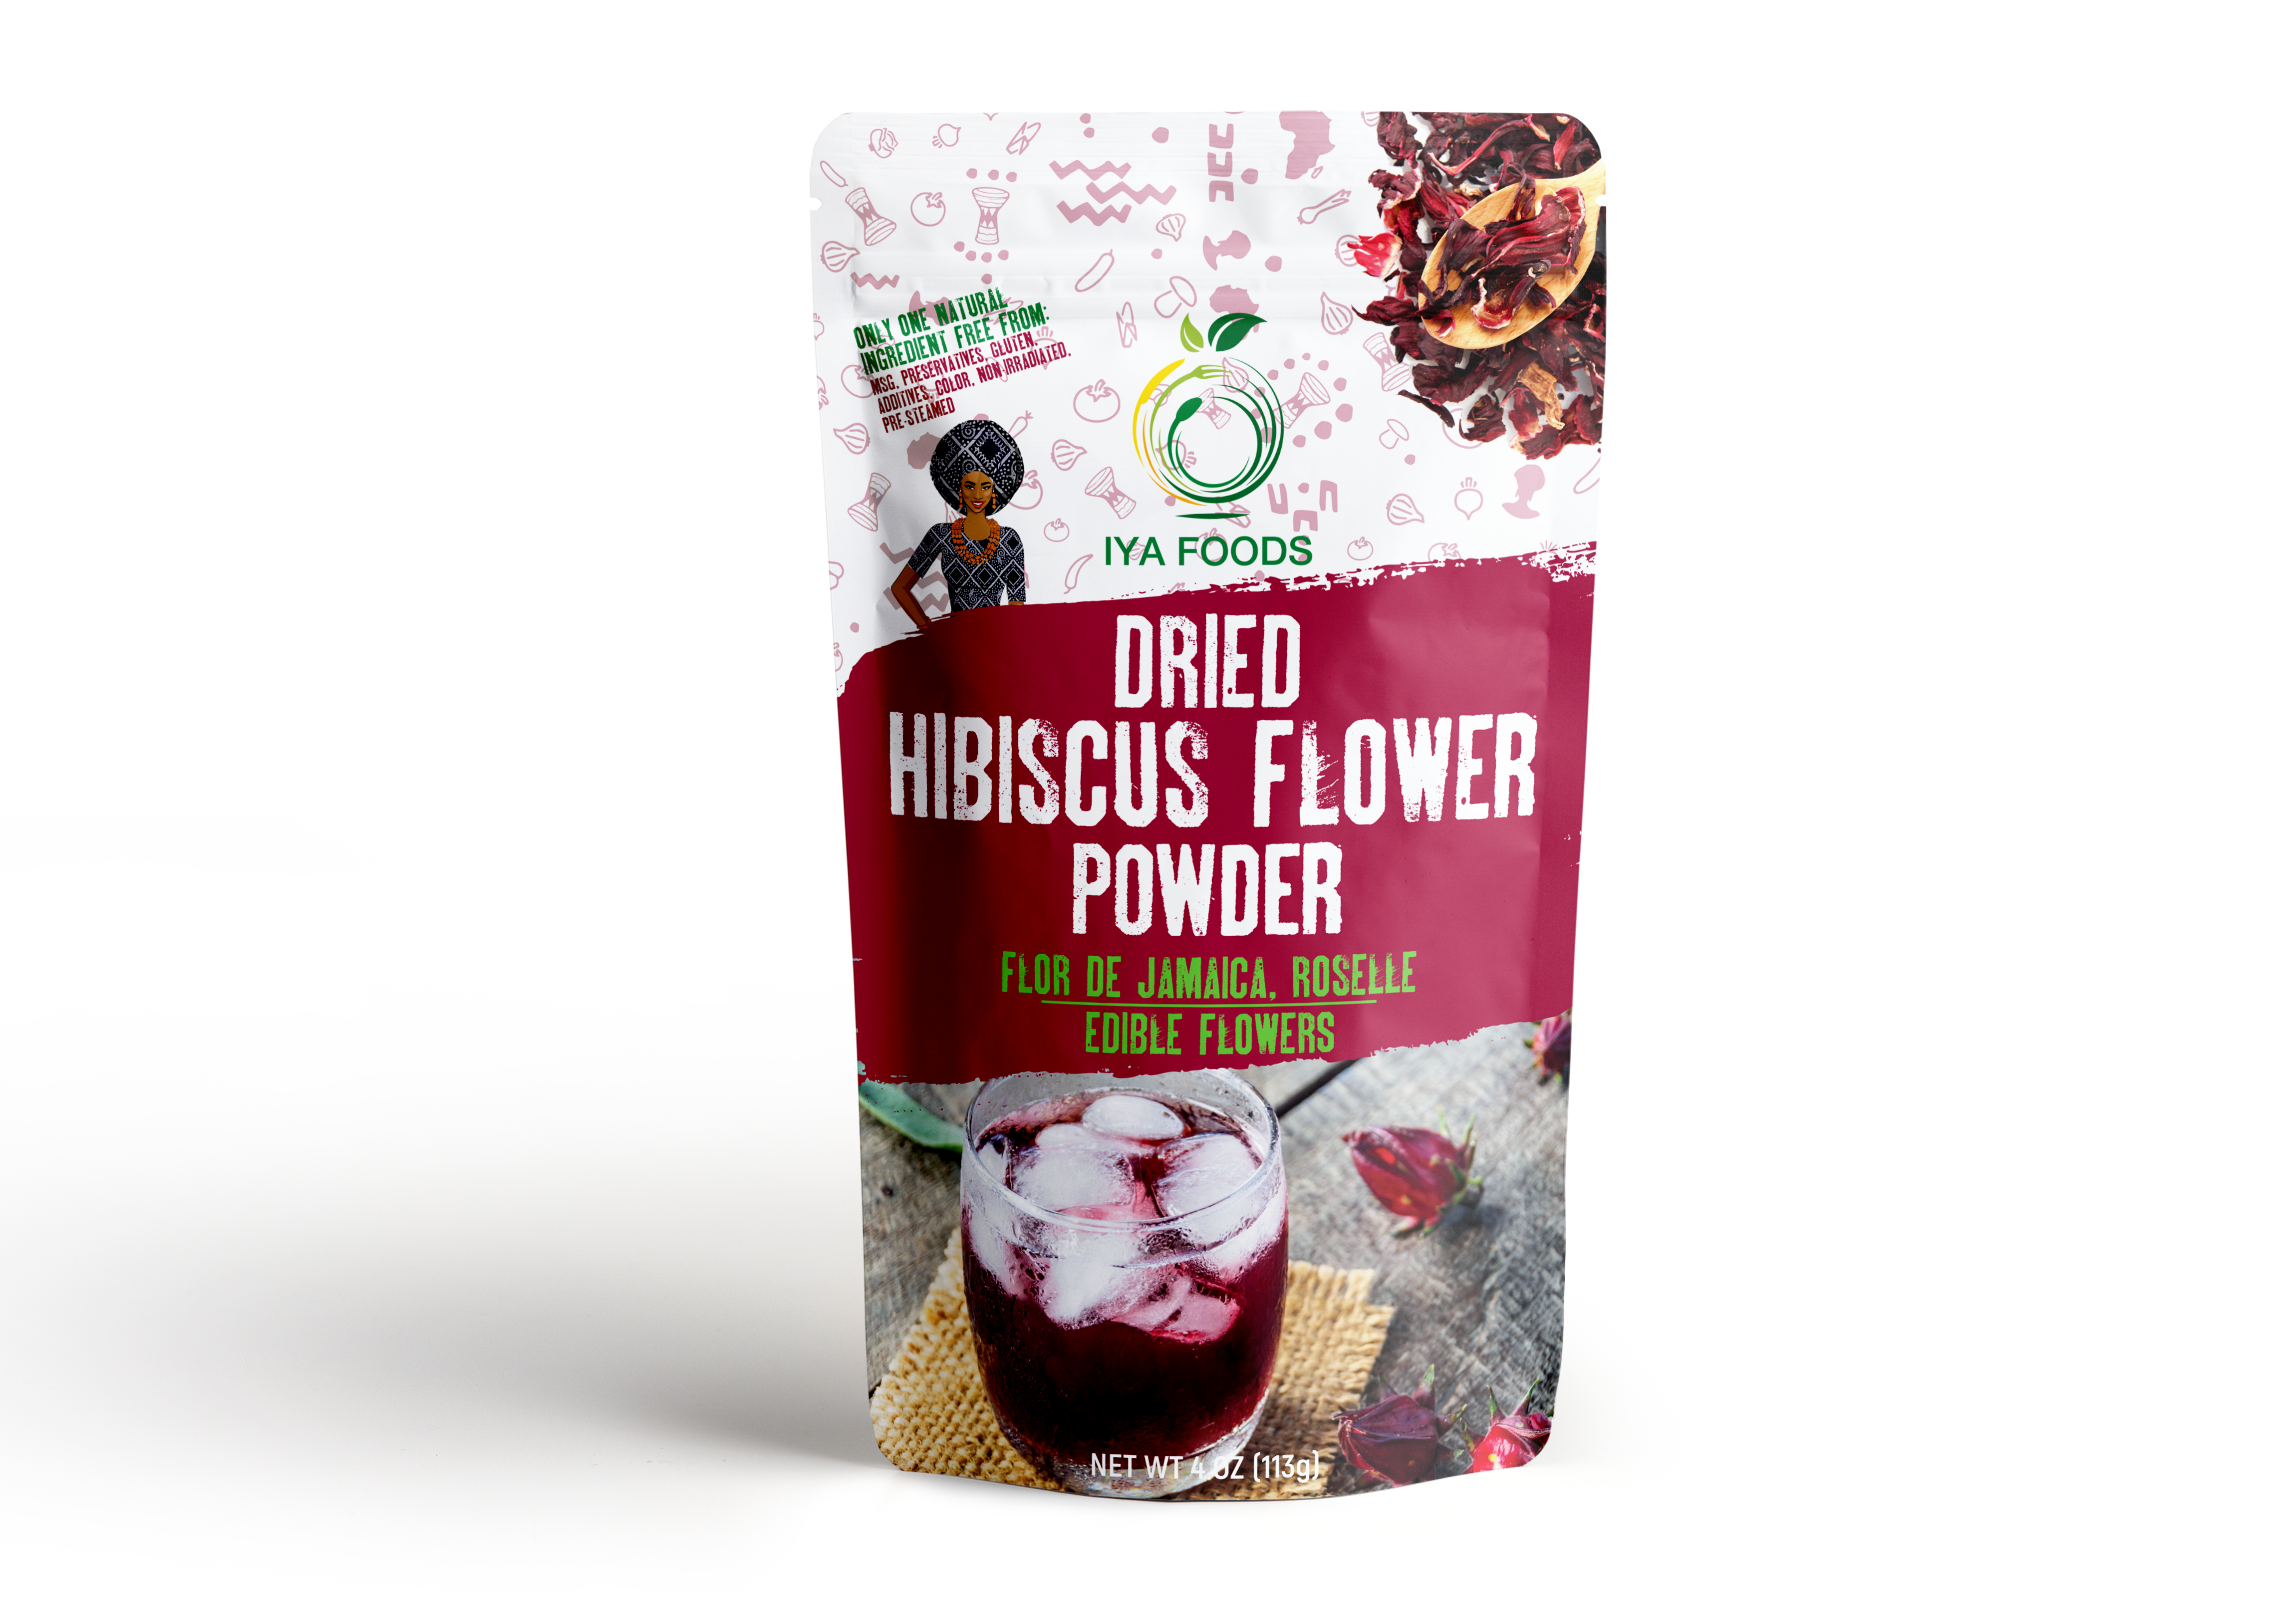 Dried Hibiscus Flower Powder 4 Oz Walmart Com In 2020 Dried Hibiscus Flowers Hibiscus Flowers Hibiscus